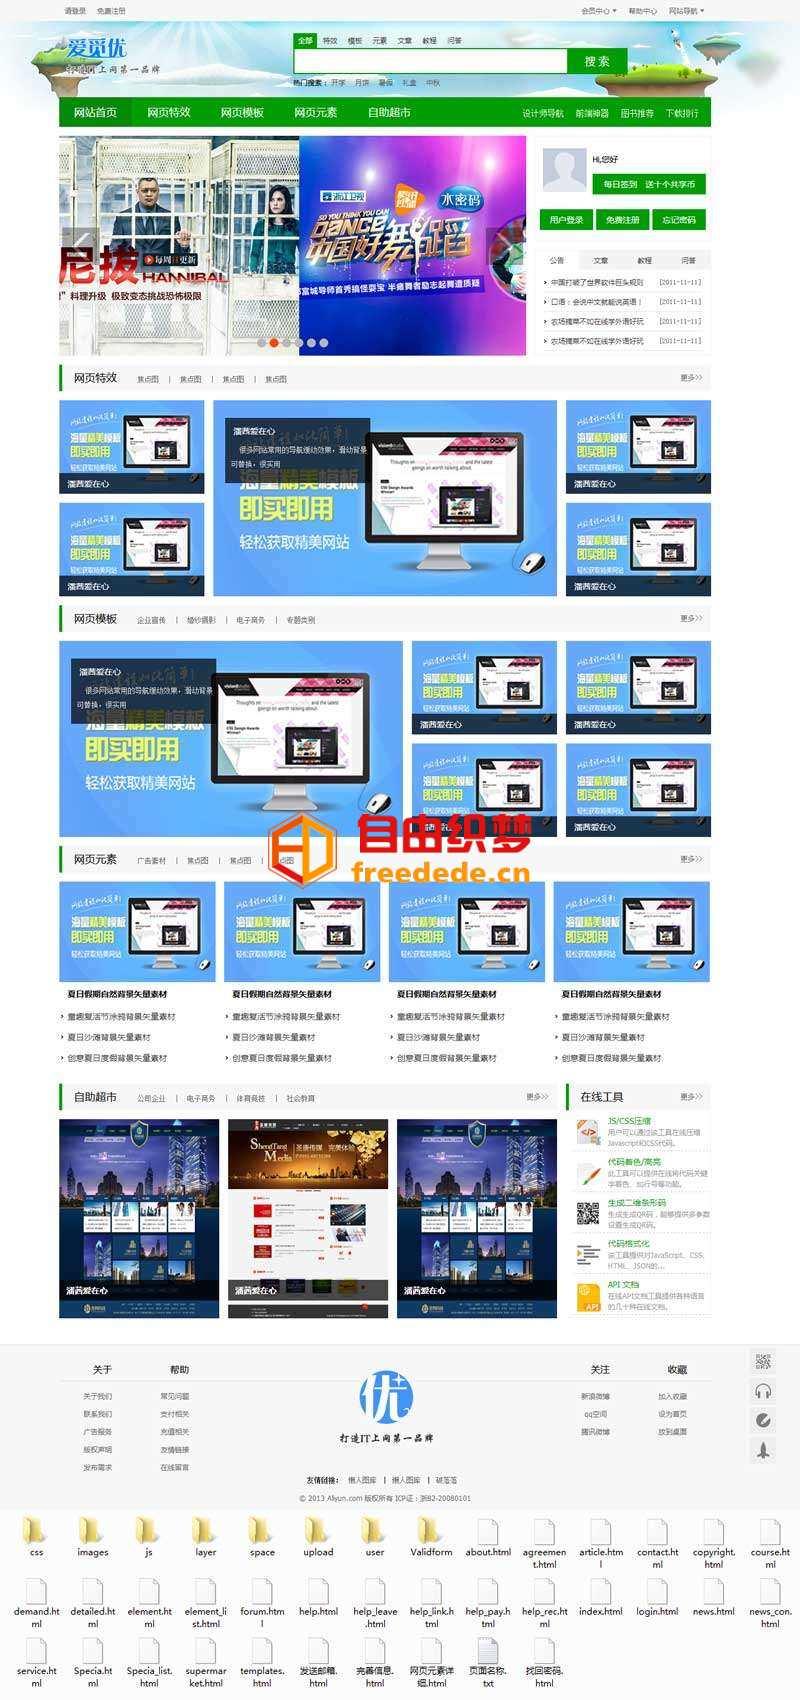 爱上源码网文章绿色的代码资源下载平台网站模板html整站源码的内容插图